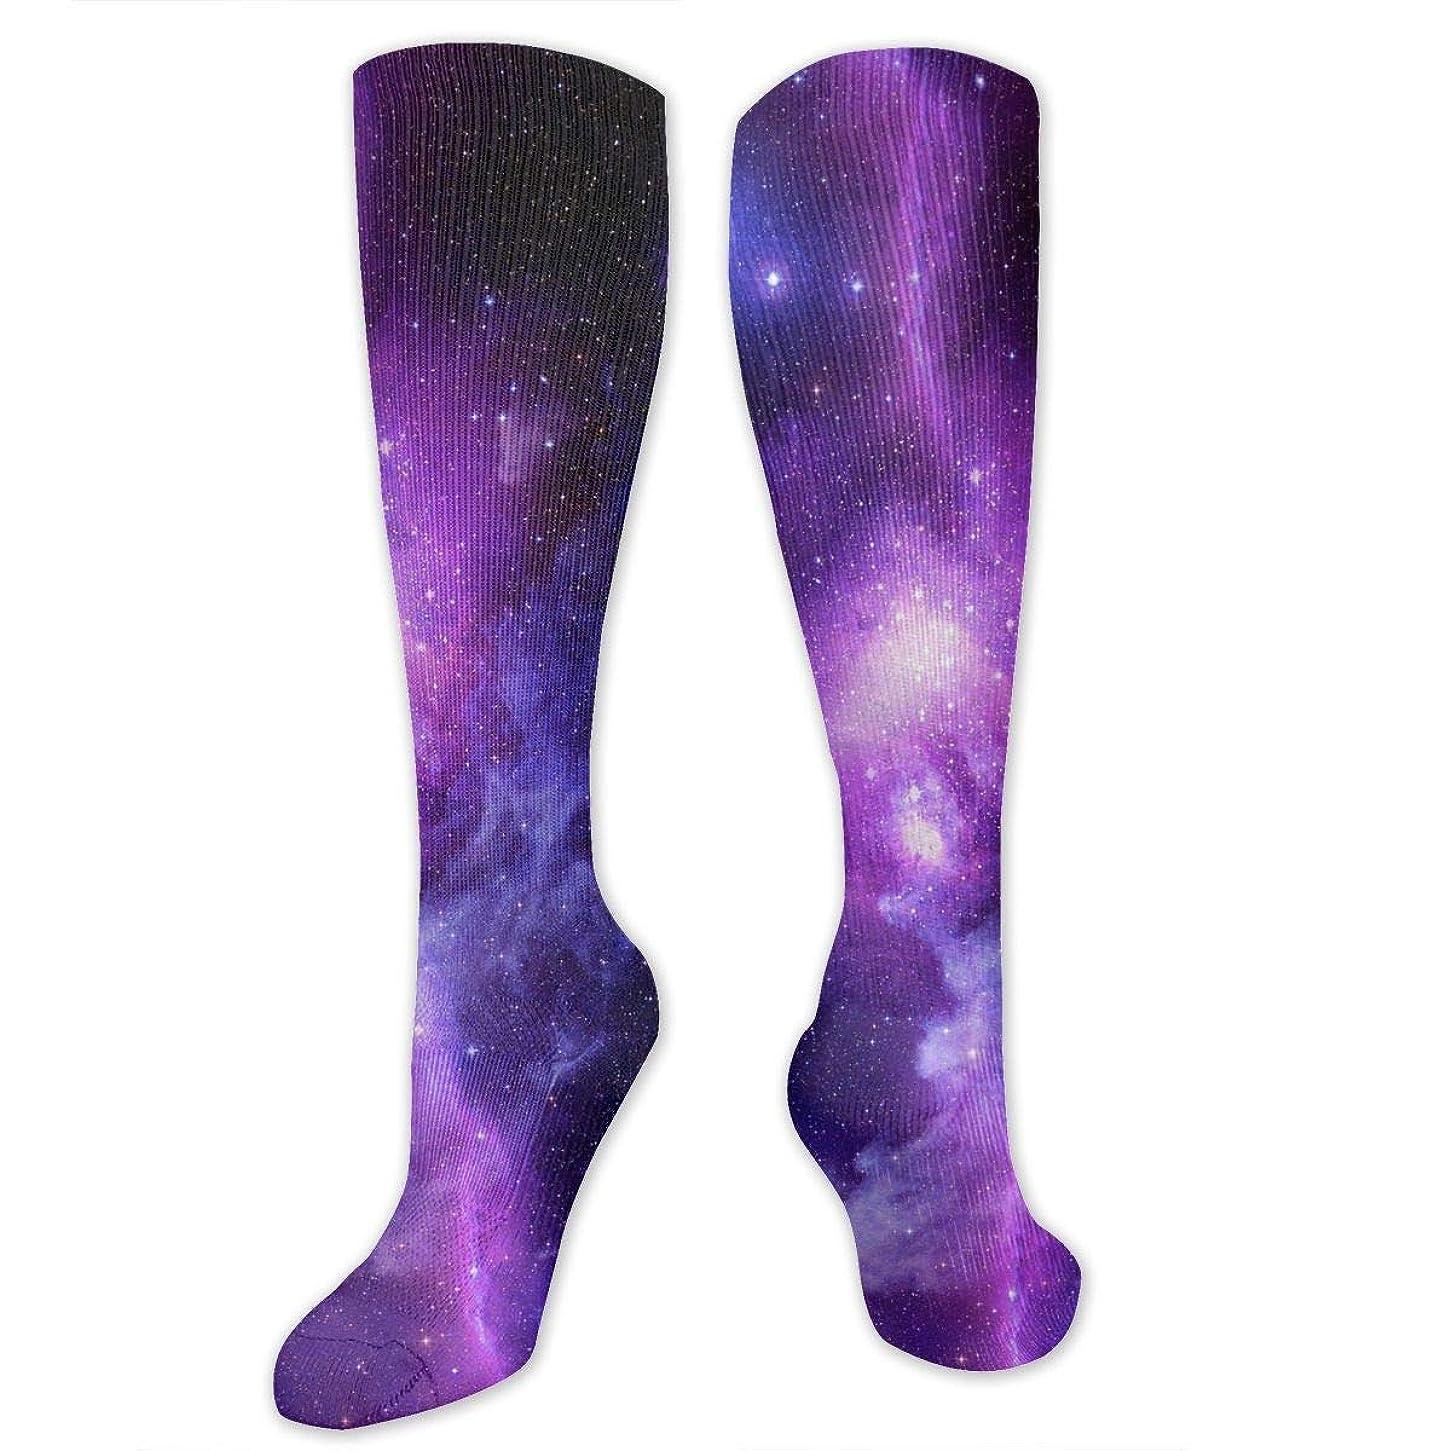 侵入する農学眠る靴下,ストッキング,野生のジョーカー,実際,秋の本質,冬必須,サマーウェア&RBXAA Women's Winter Cotton Long Tube Socks Knee High Graduated Compression Socks Space Galaxy Socks